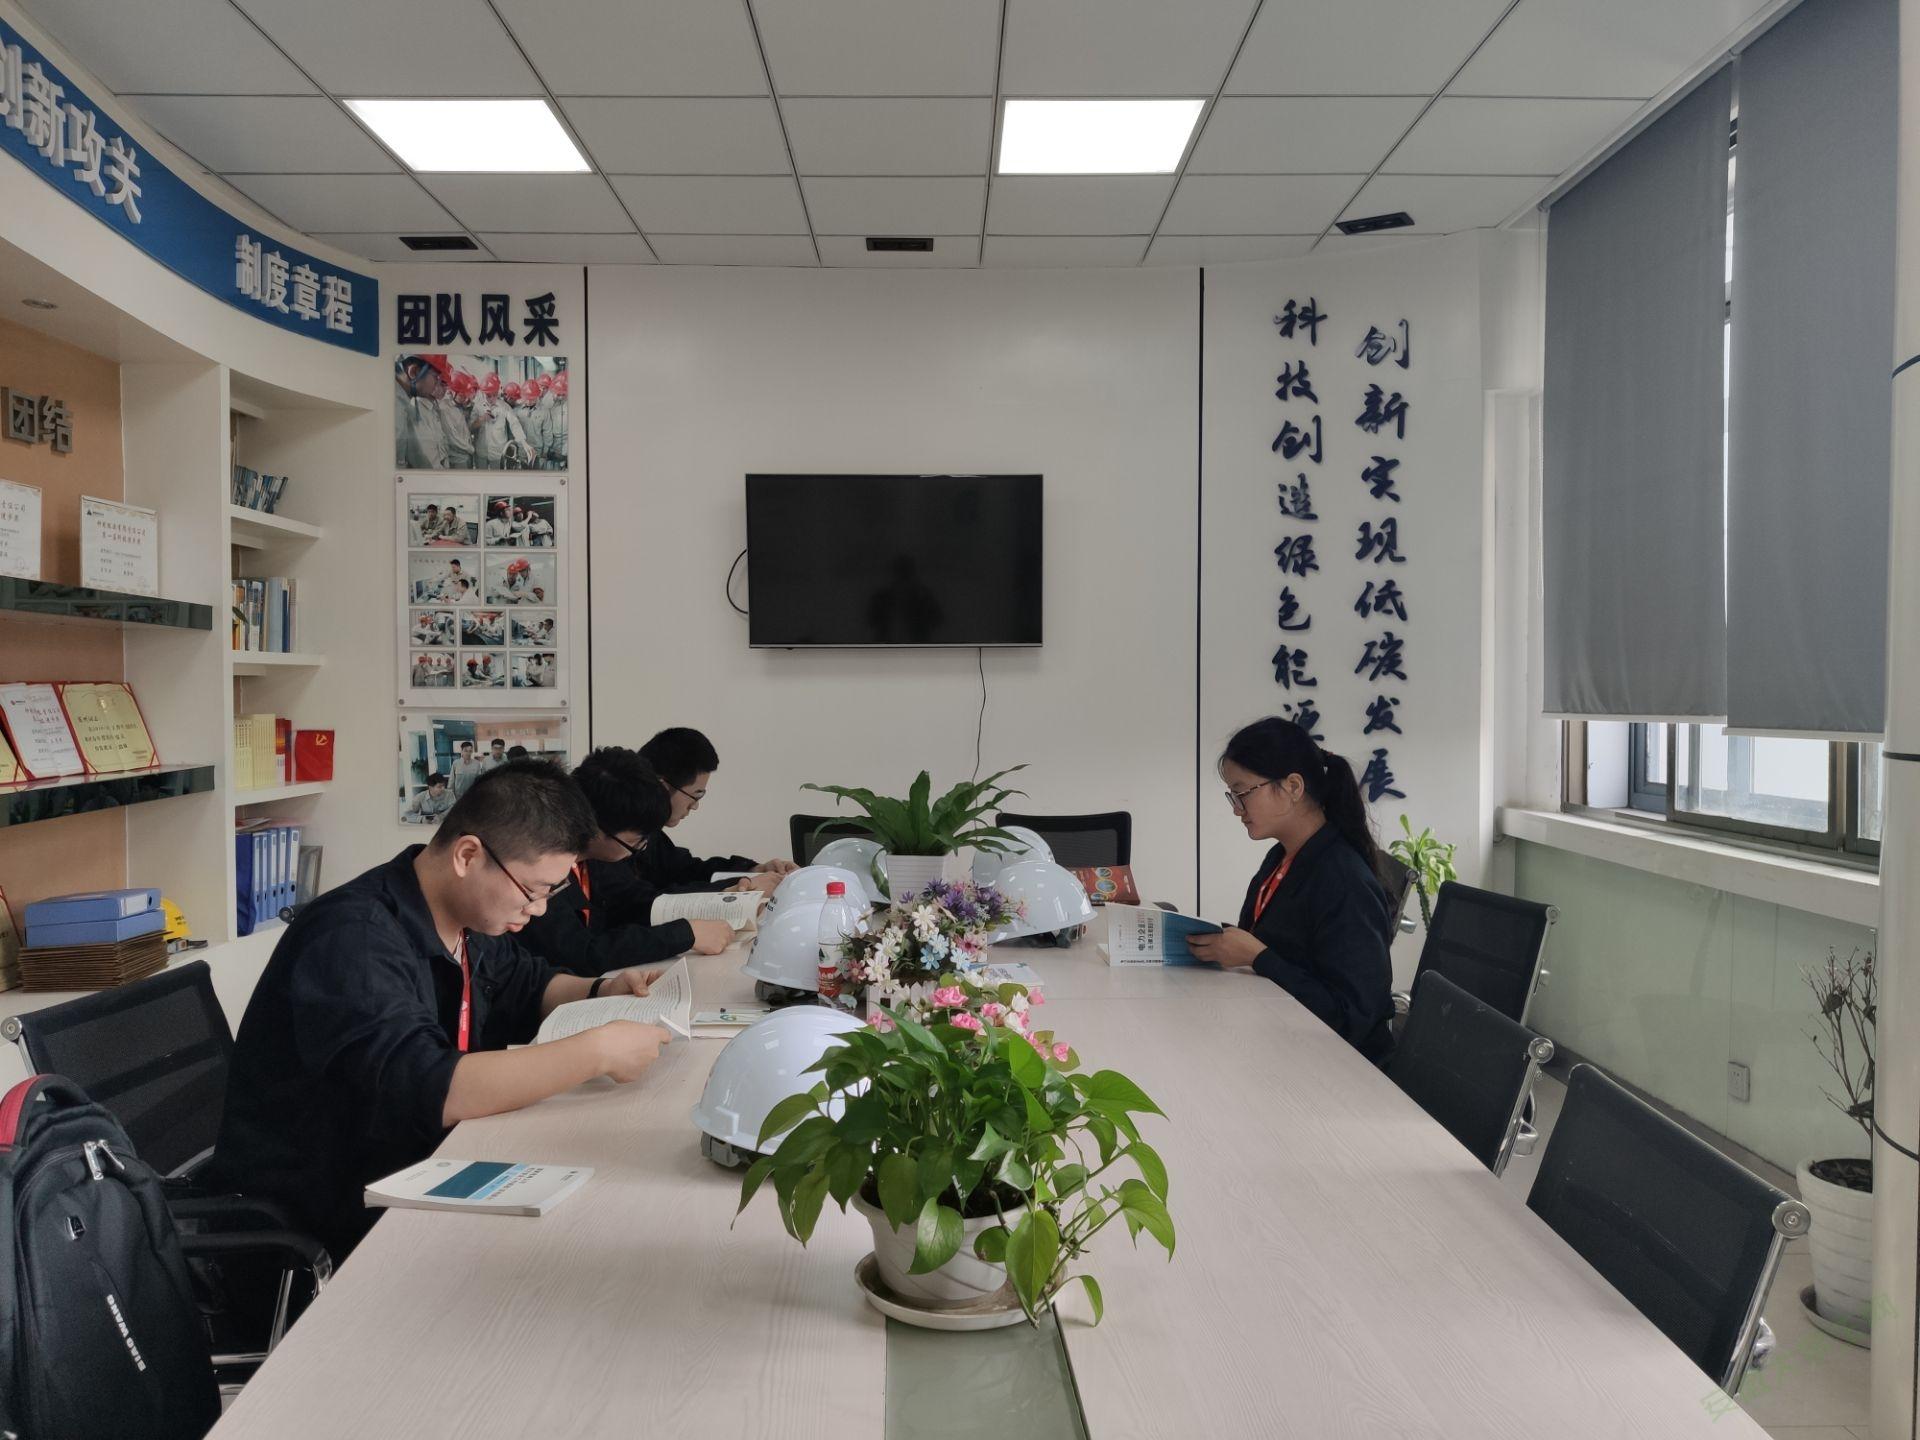 安徽工业大学能源与环境学院:走近发电部门第一步——安全教育